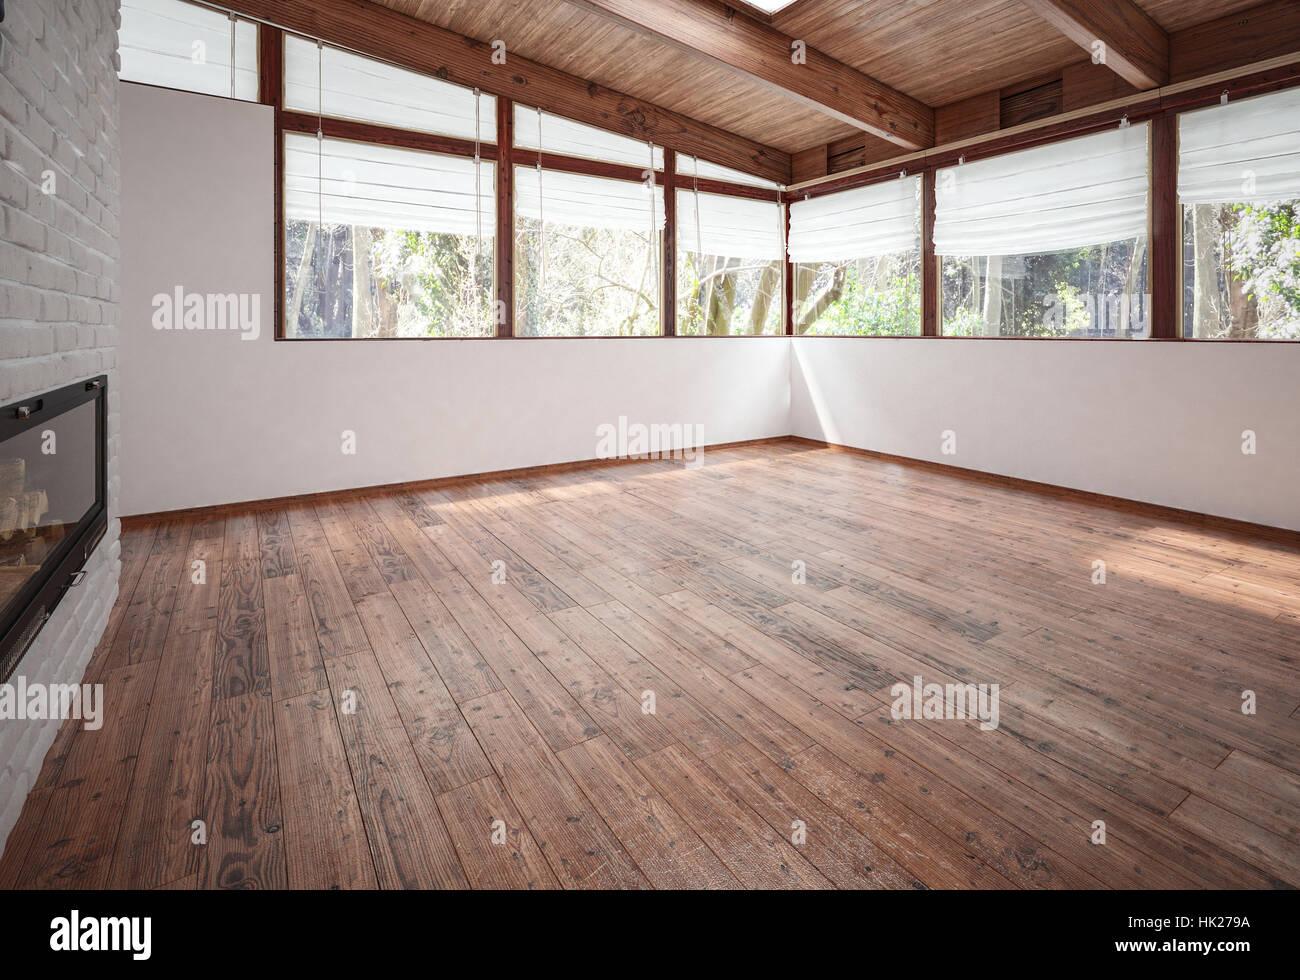 Soffitto In Legno Con Travi : Svuotare il soggiorno con caminetto pavimento in legno e il